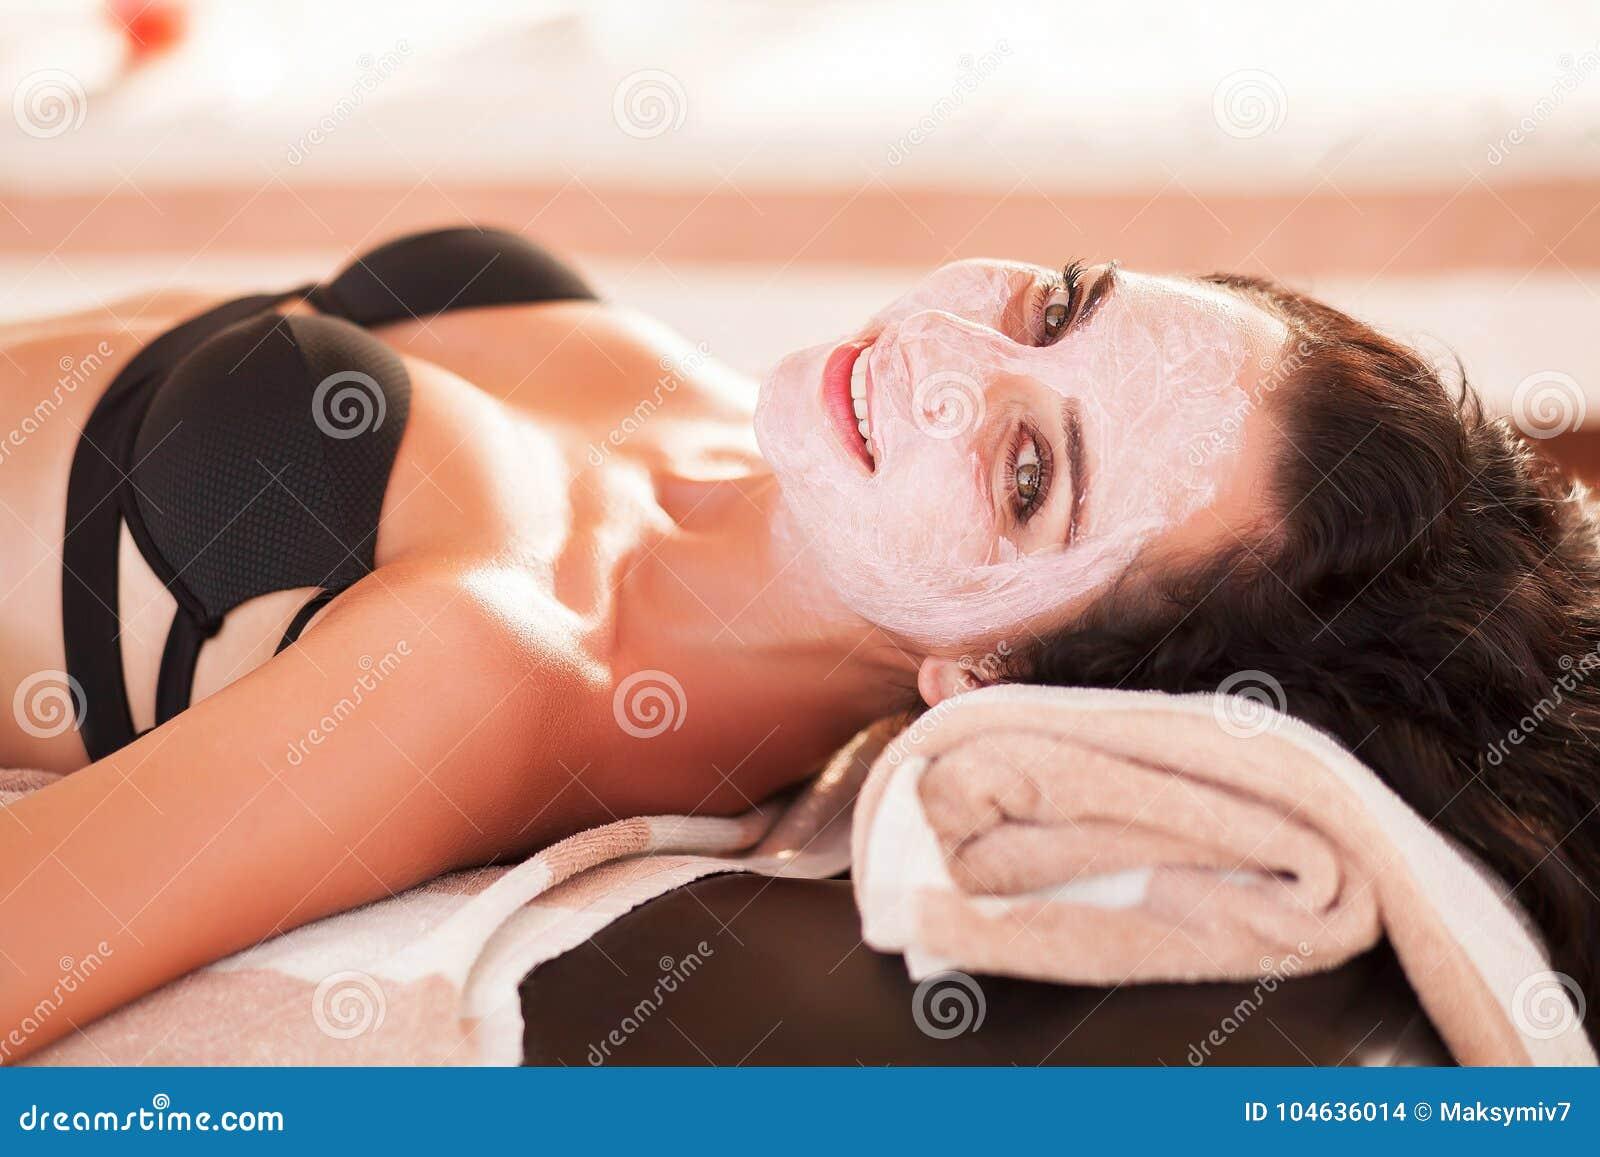 Download Vrouw In Kuuroordsalon De Mooie Vrouw Krijgt Kuuroordmasker Op Het Zonnige Strand In Kuuroord Stock Foto - Afbeelding bestaande uit outdoors, hoog: 104636014